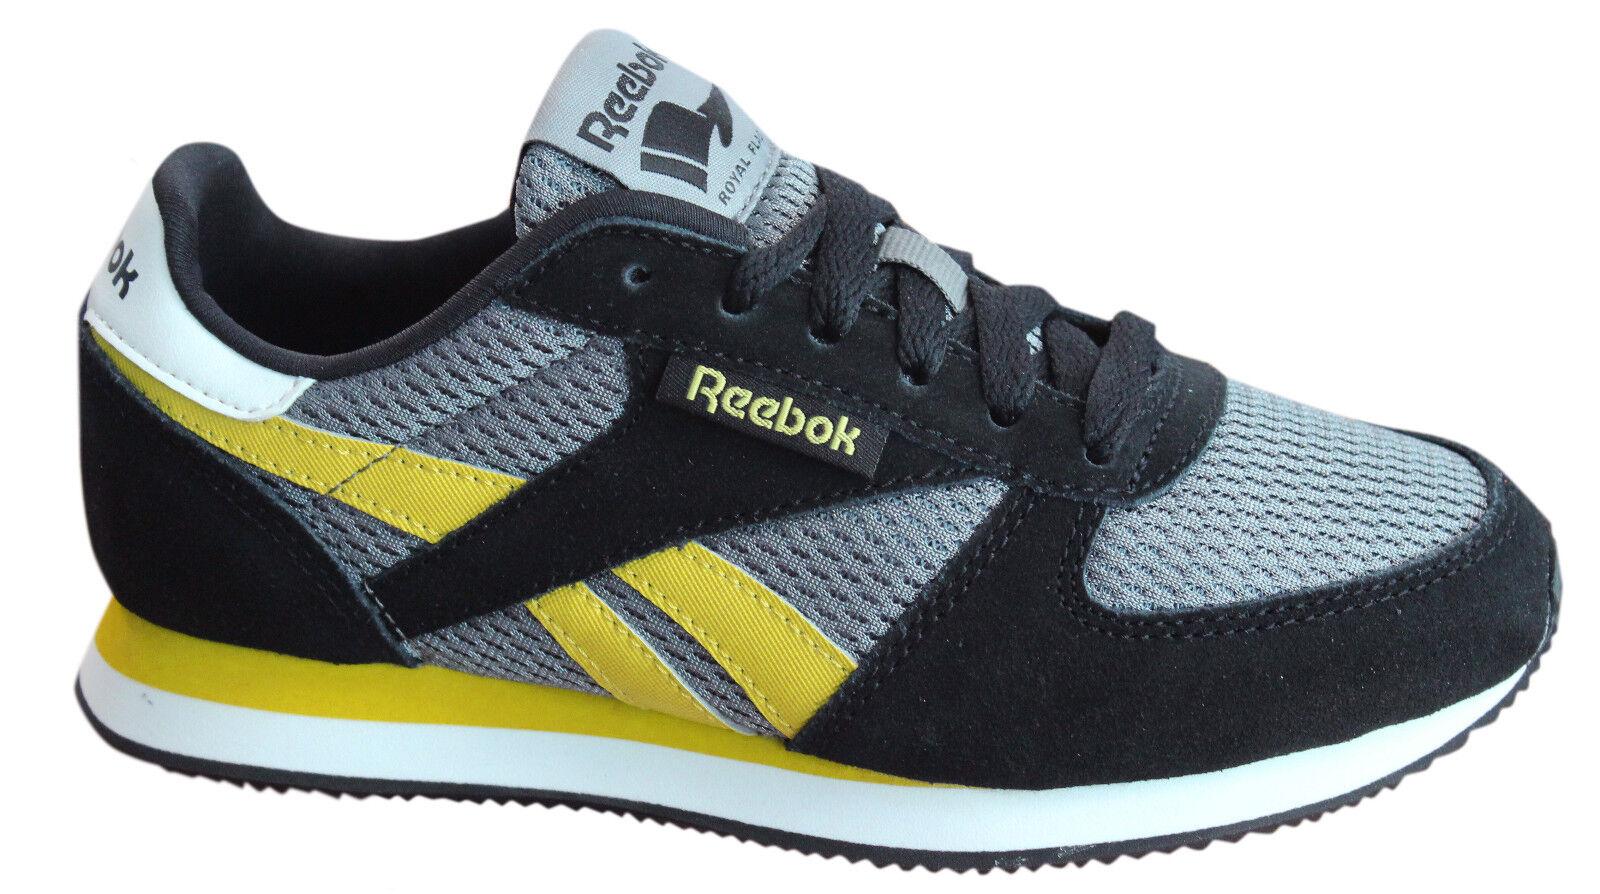 Grandes descuentos nuevos zapatos Scarpe DAMA Uomo CUOIO Pelle naturale 140003CU